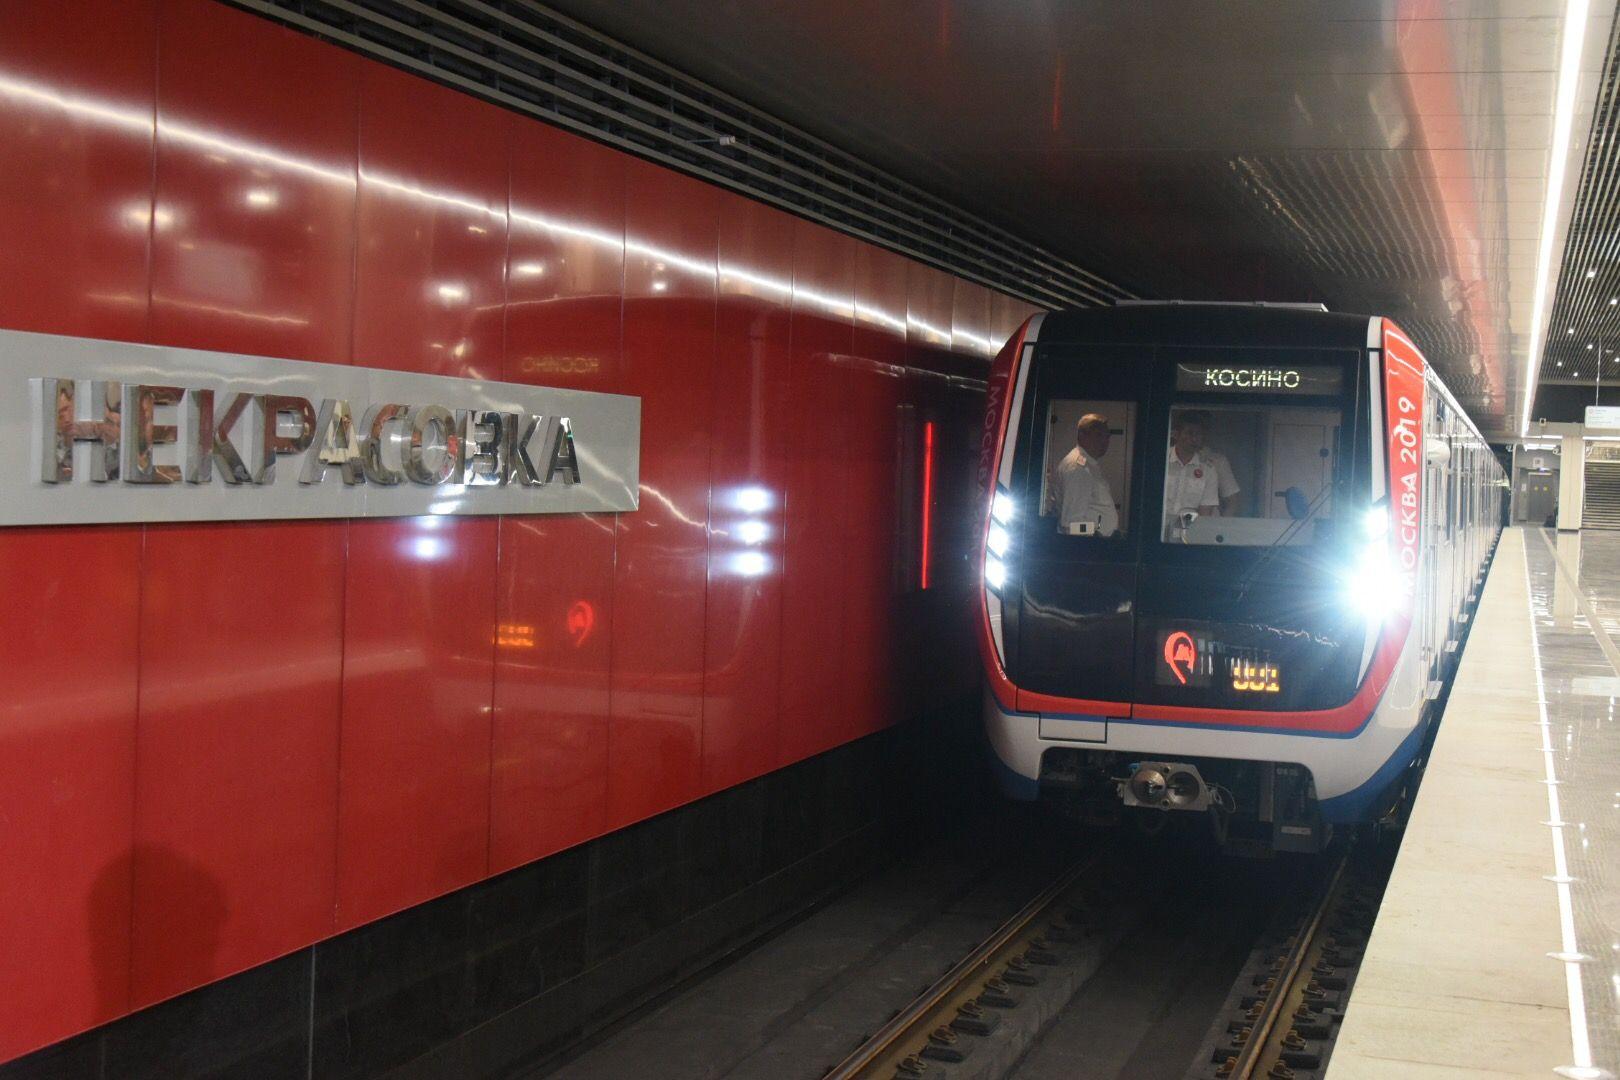 Метро Москвы восстановило работу станции «Некрасовка»